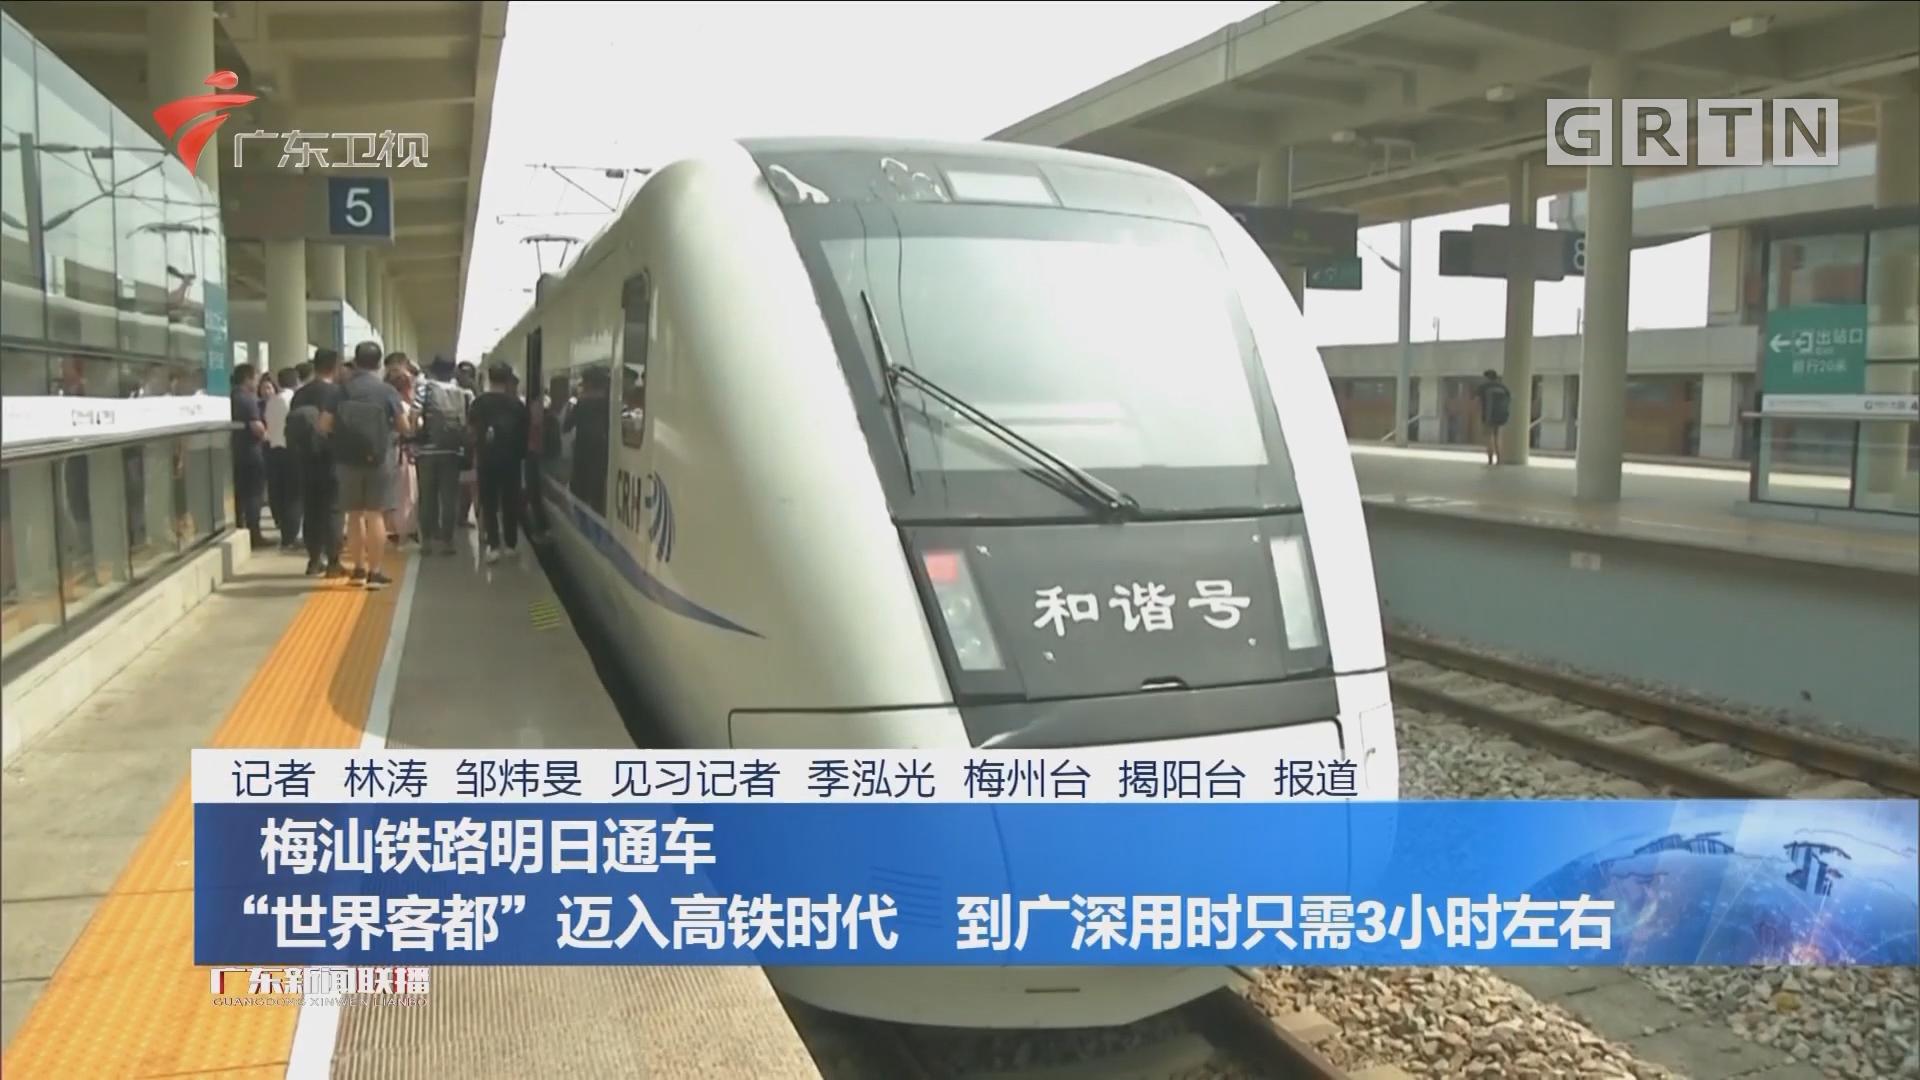 """梅汕铁路明日通车 """"世界客都""""迈入高铁时代 到广深用时只需3小时左右"""